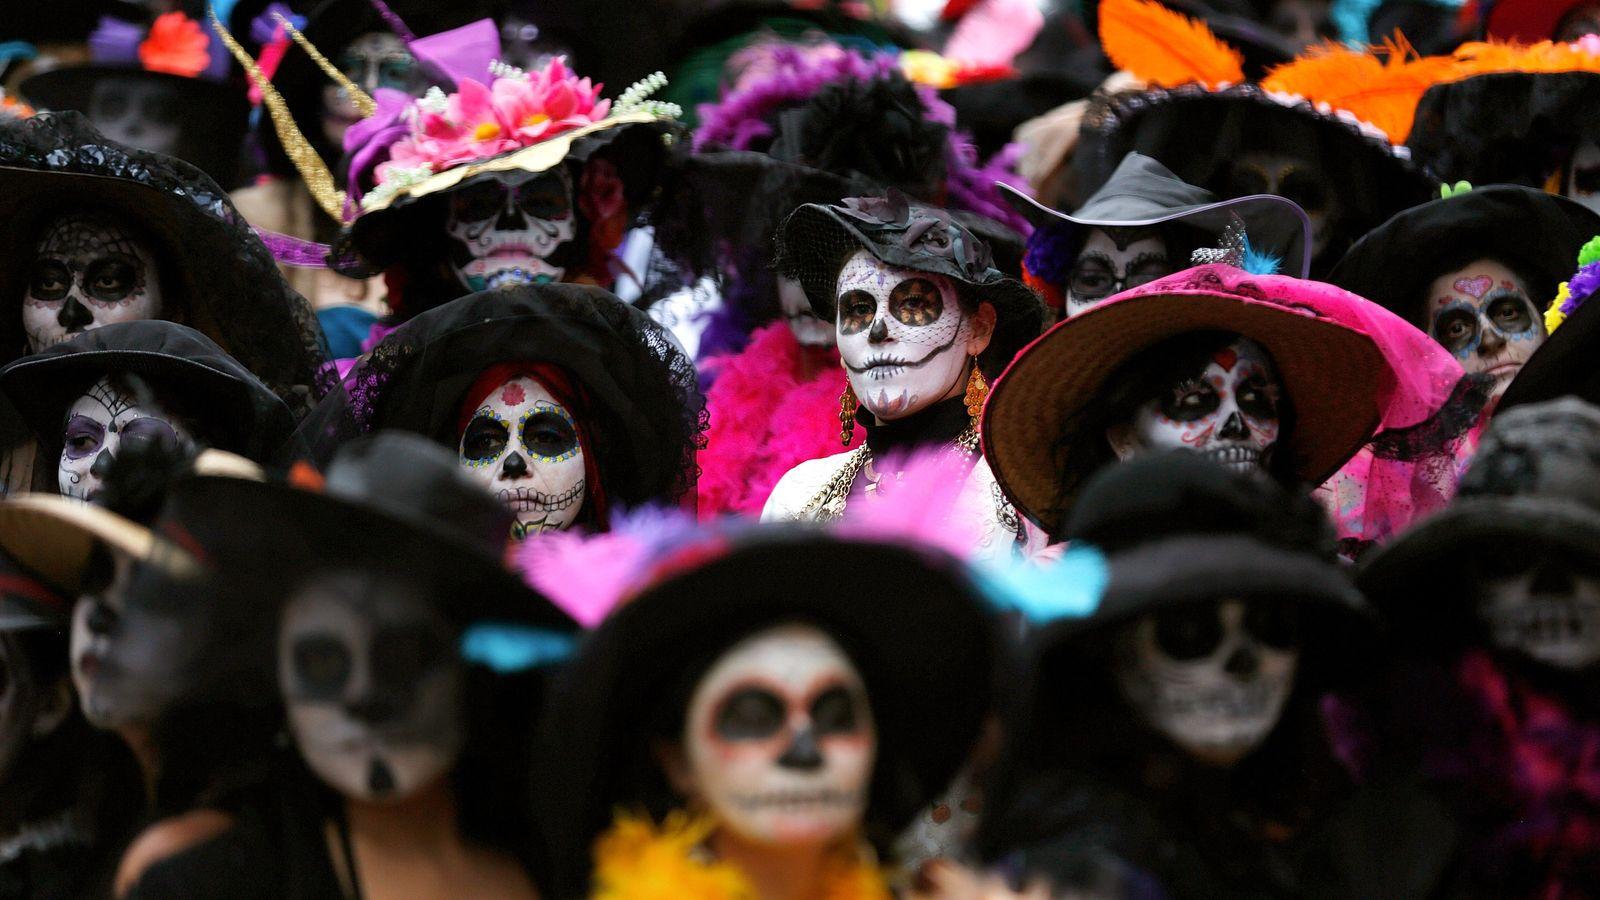 Am 1. November 2014 versammelten sich mehr als 500 Frauen in Mexiko-Stadt, um den Weltrekord für ...